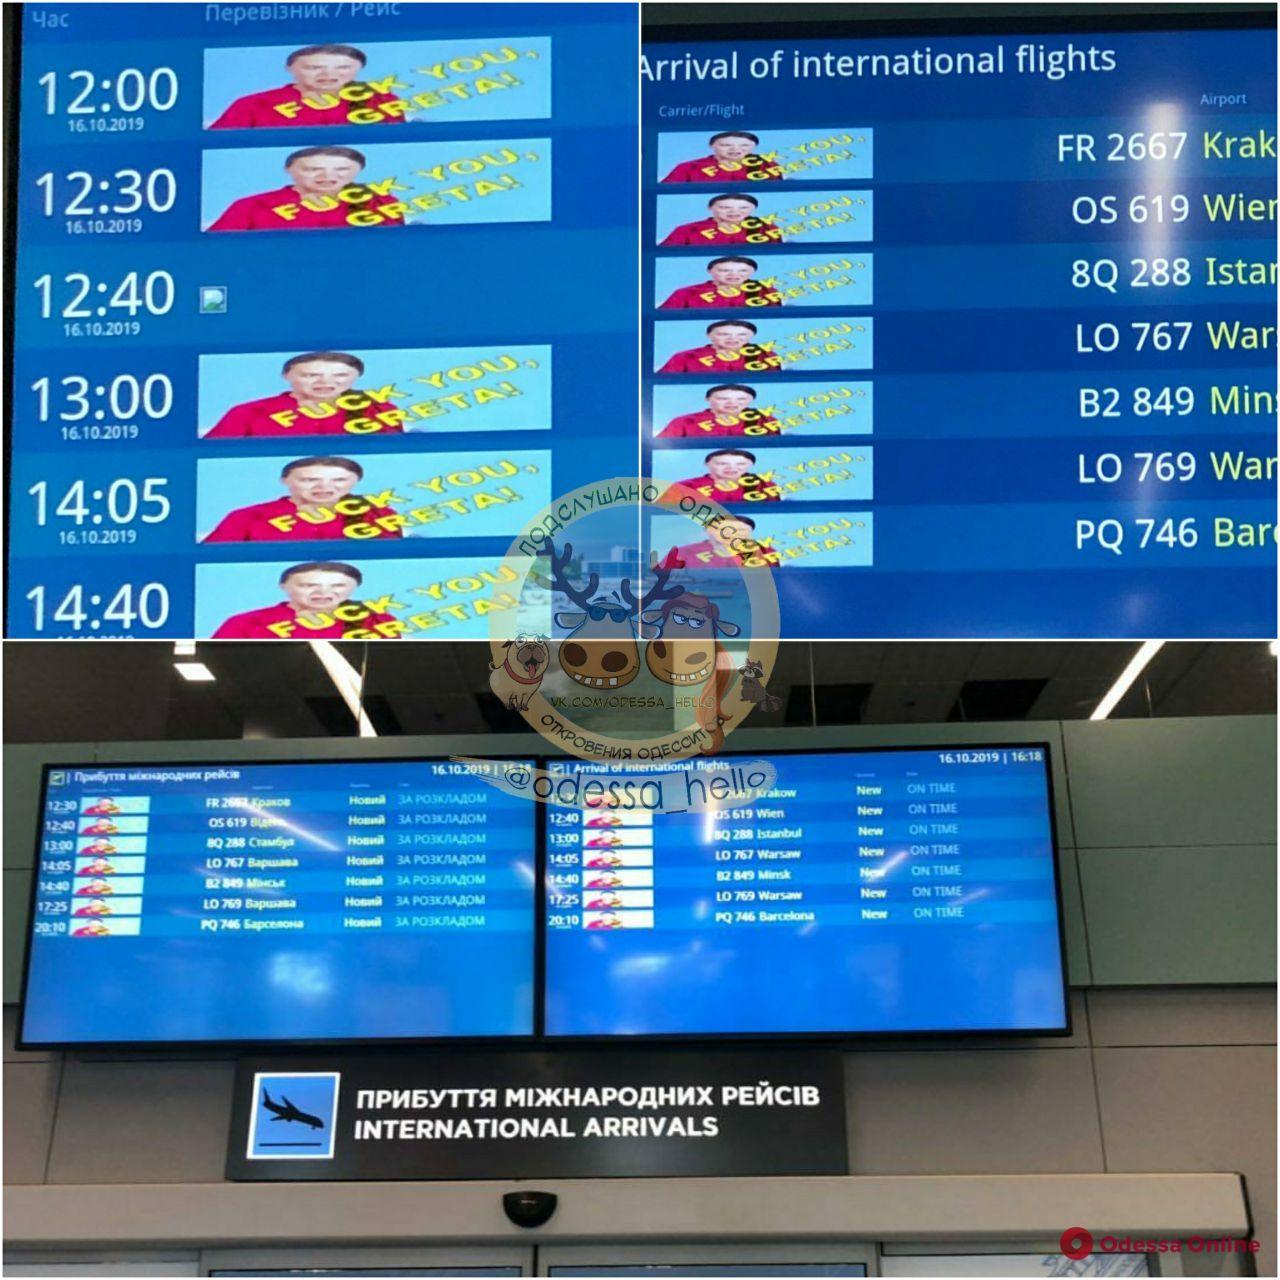 Хакеры взломали систему табло Одесского аэропорта (фотофакт)